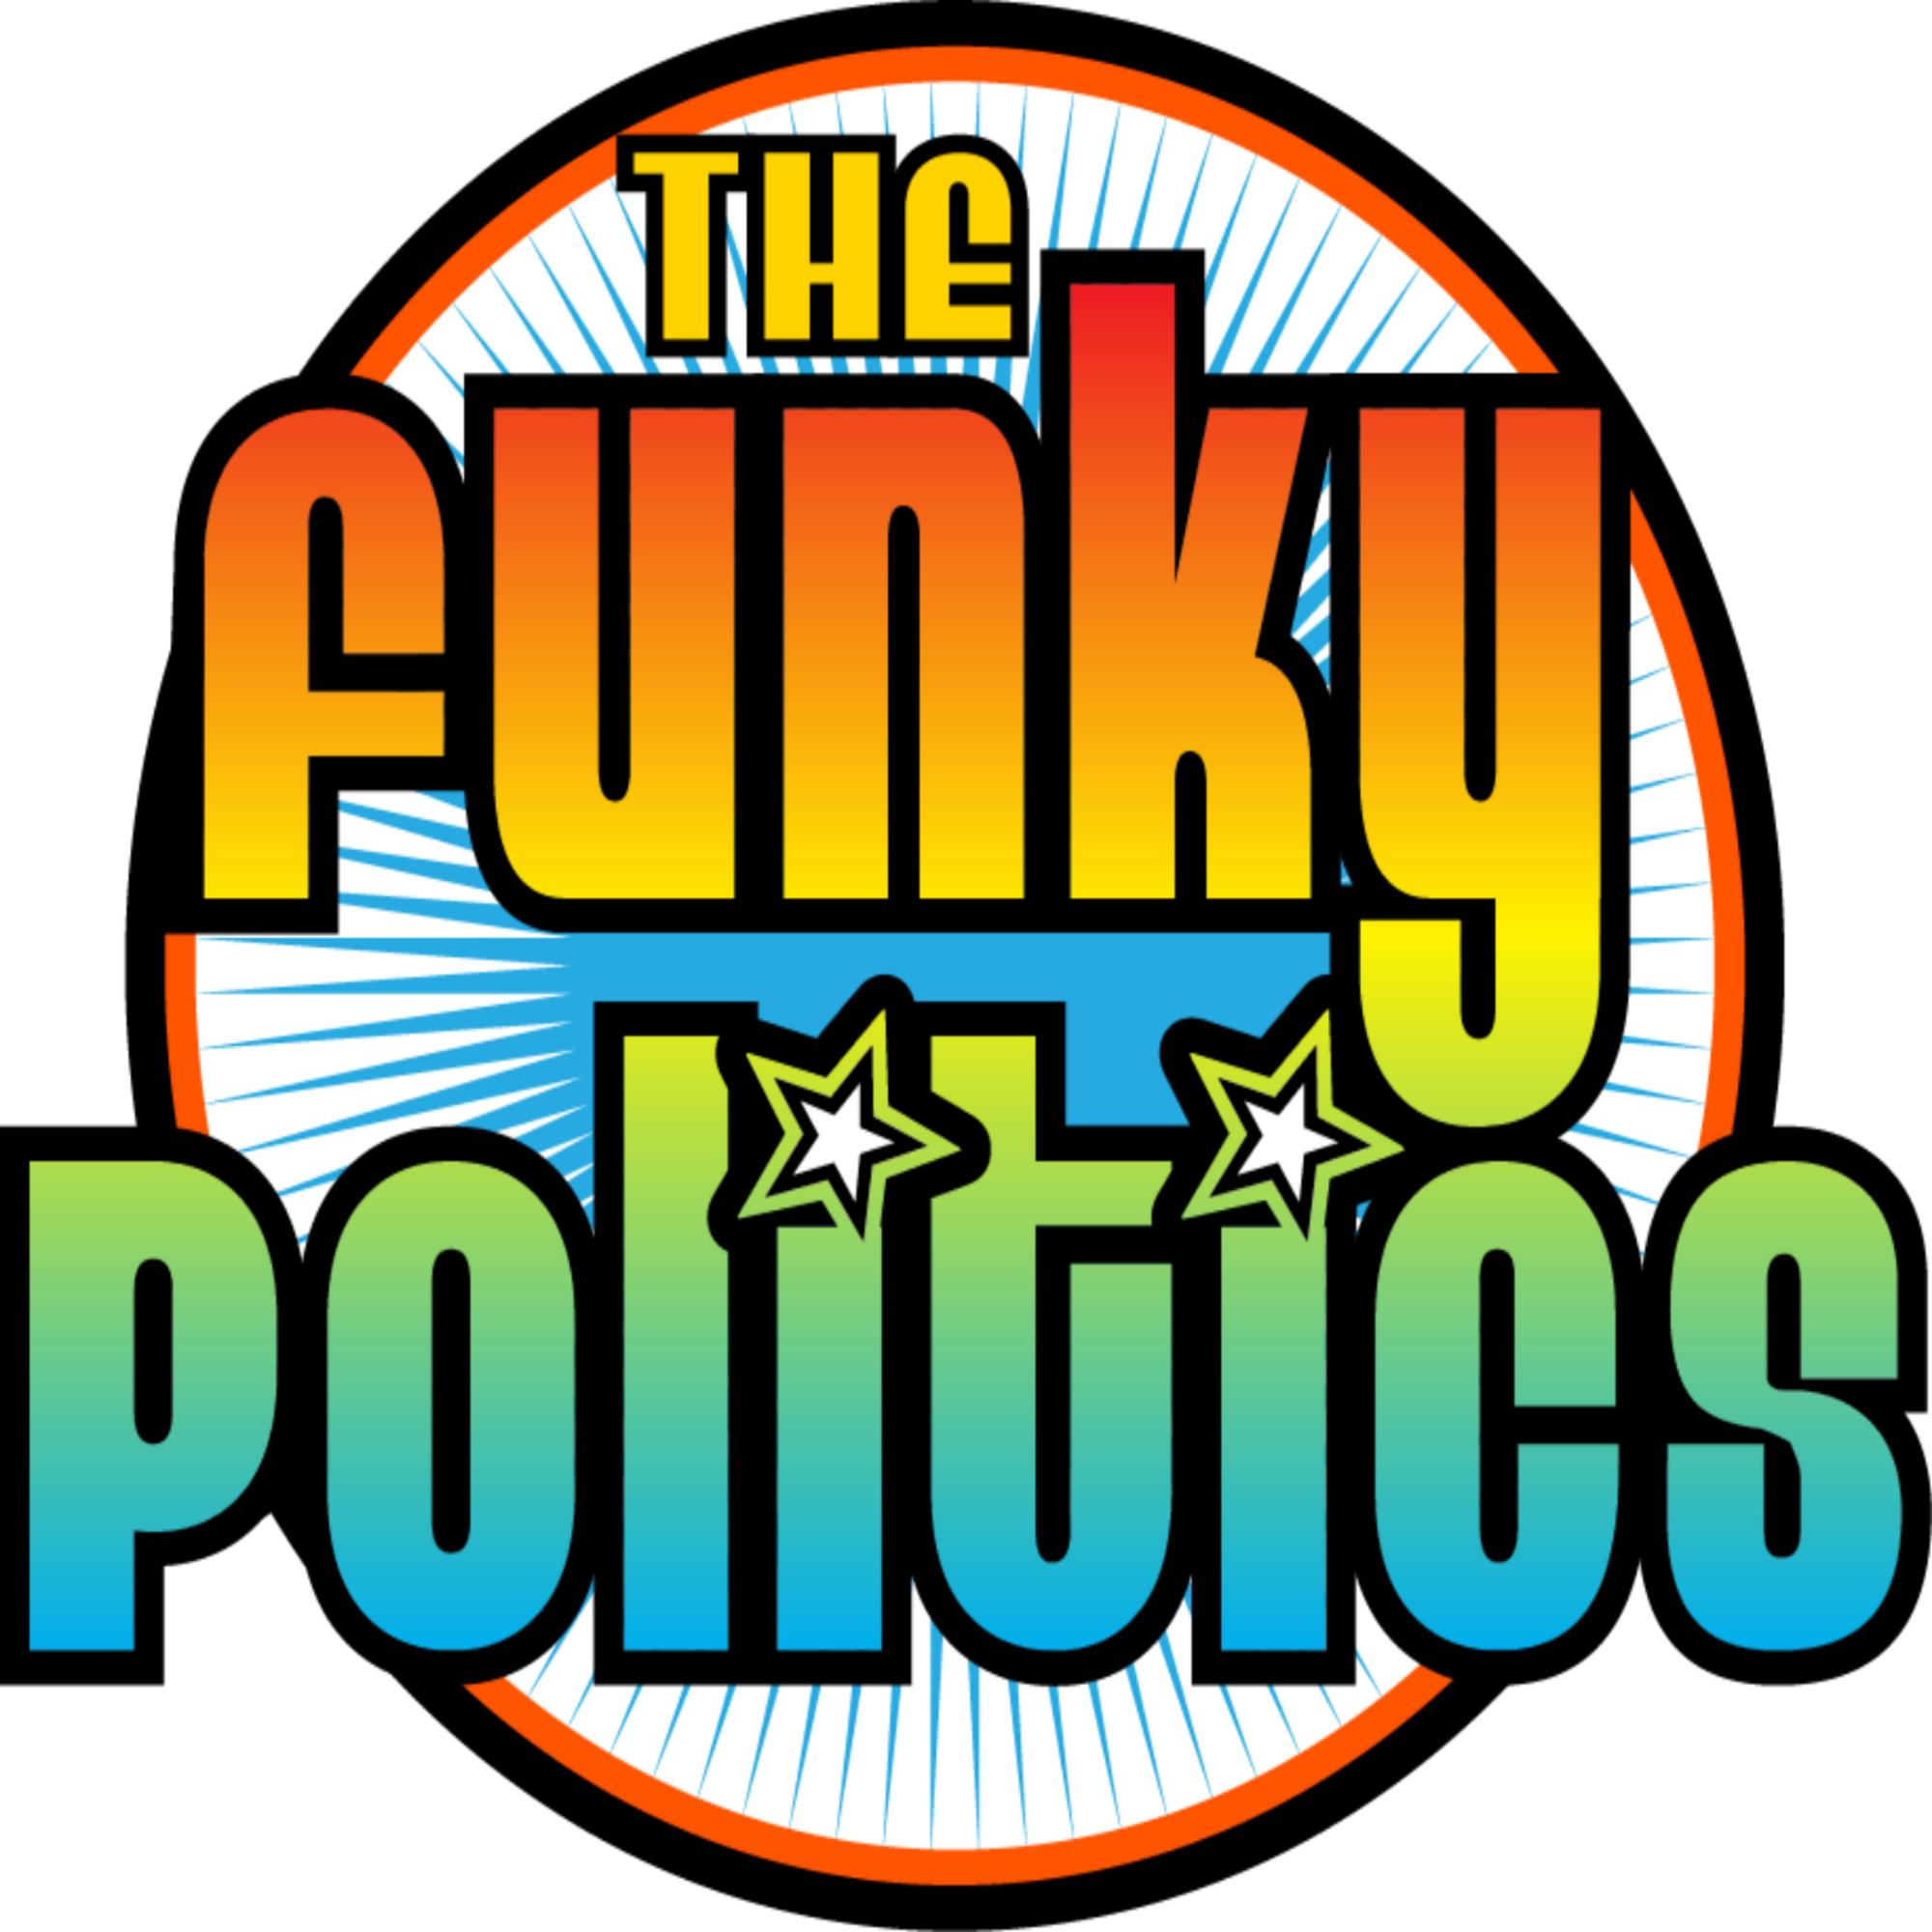 THE FUNKY POLITICS powered by KUDZUKIAN show art